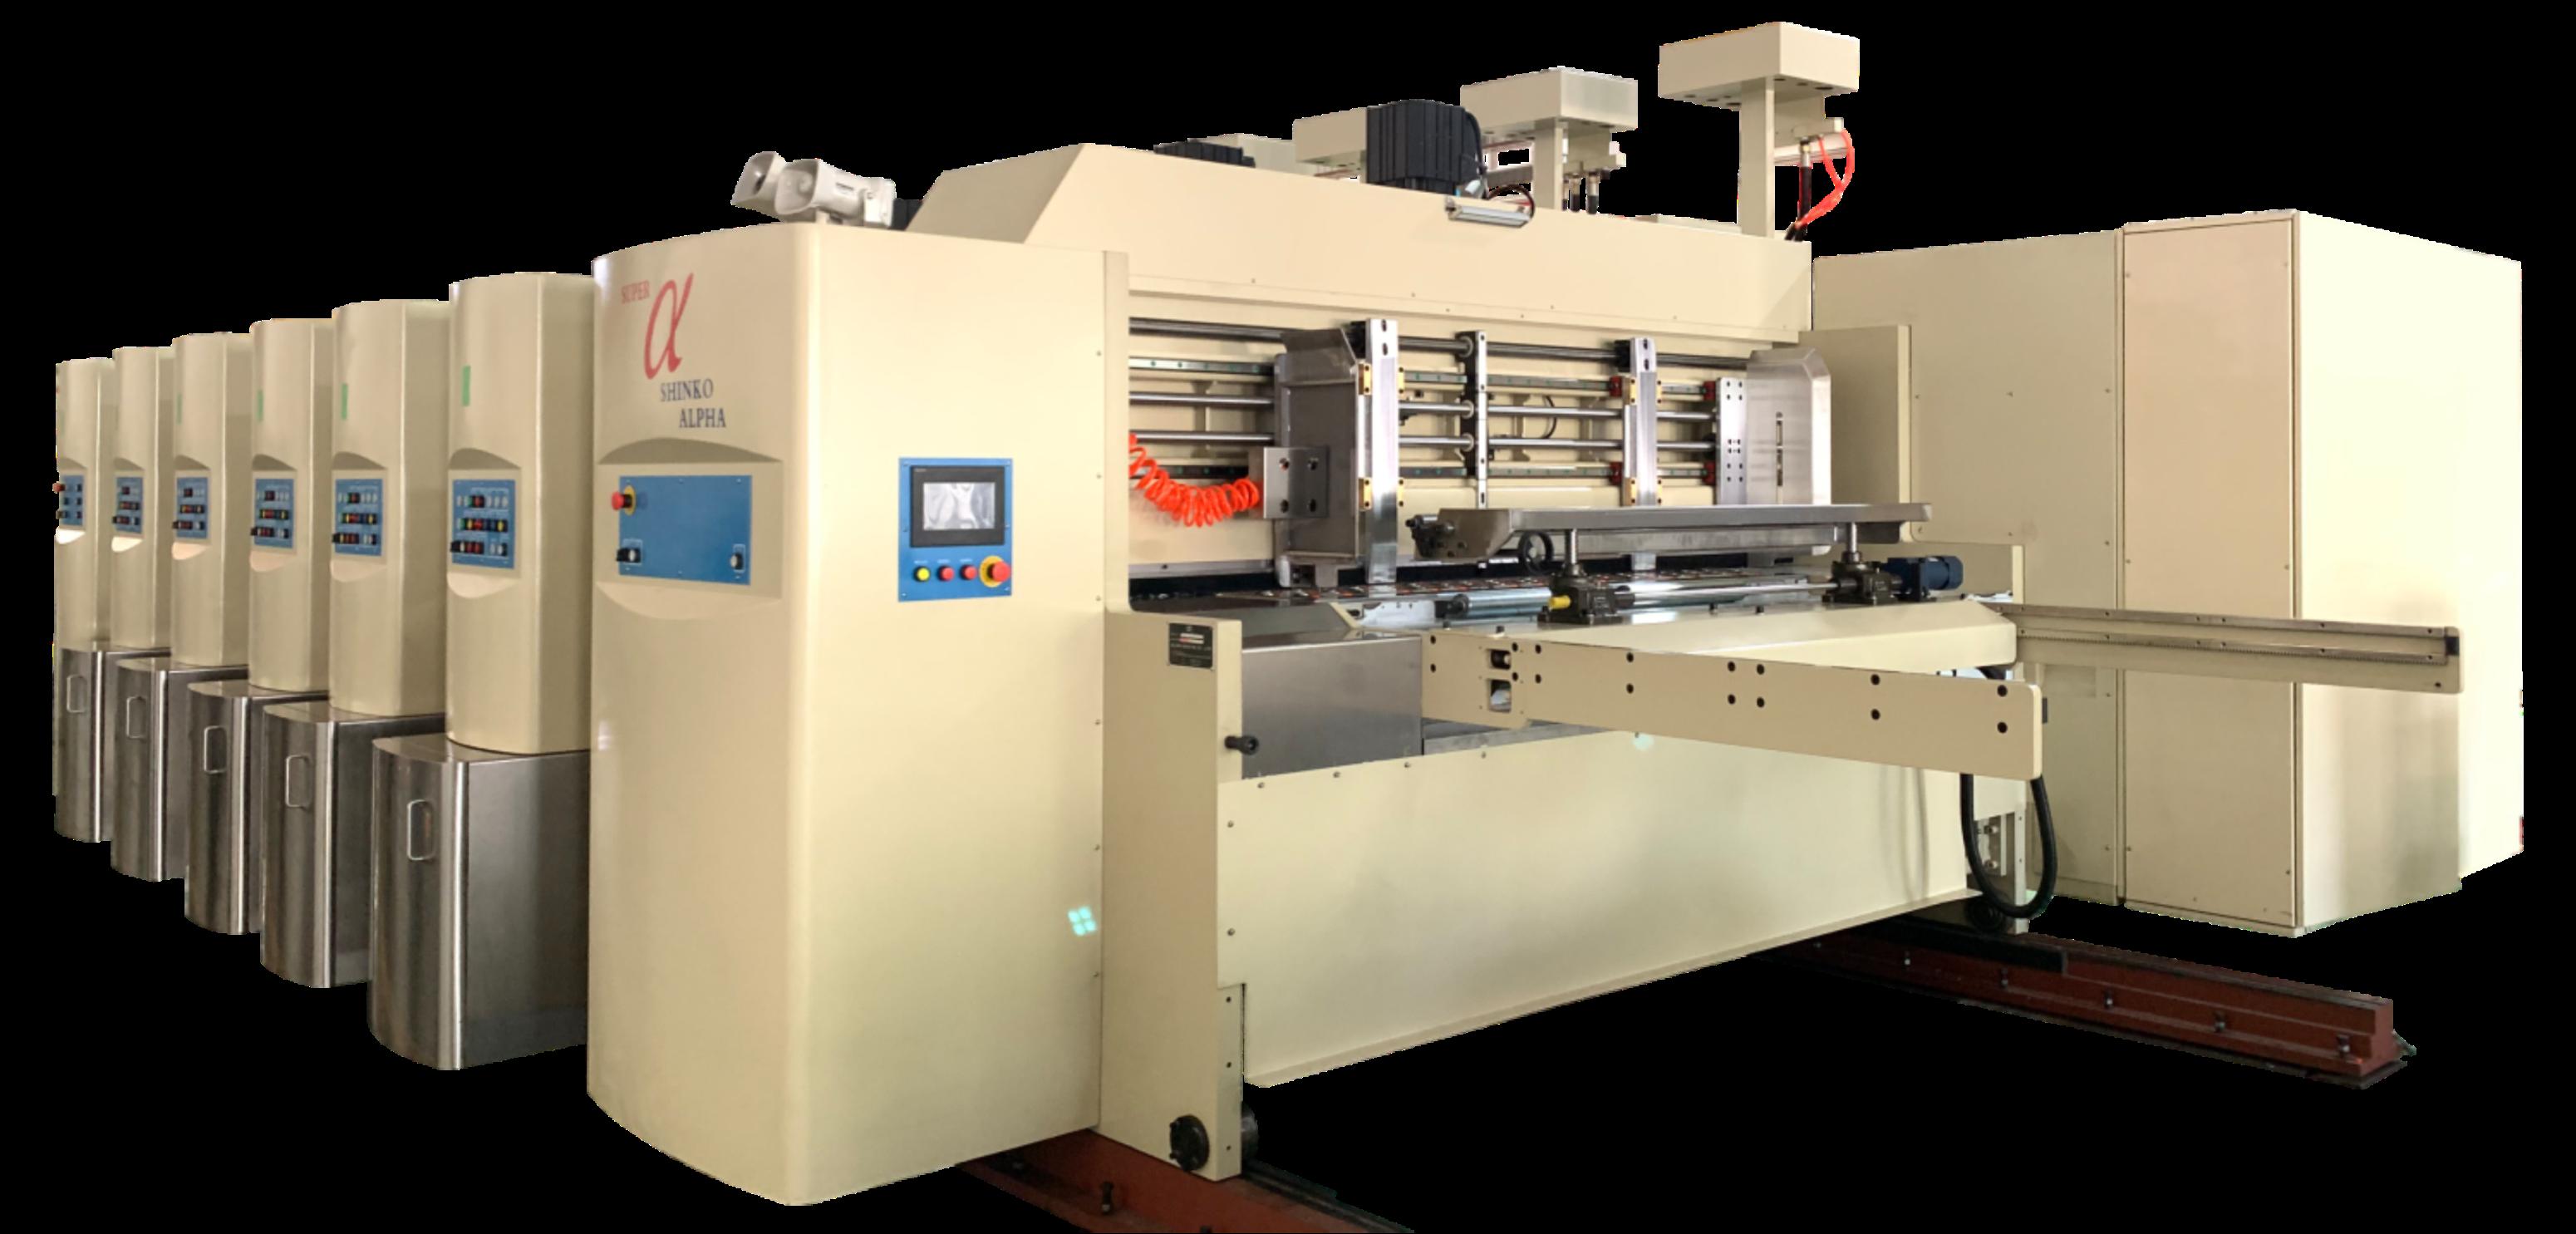 Sα-型移動式全伺服水性印刷硬模切機